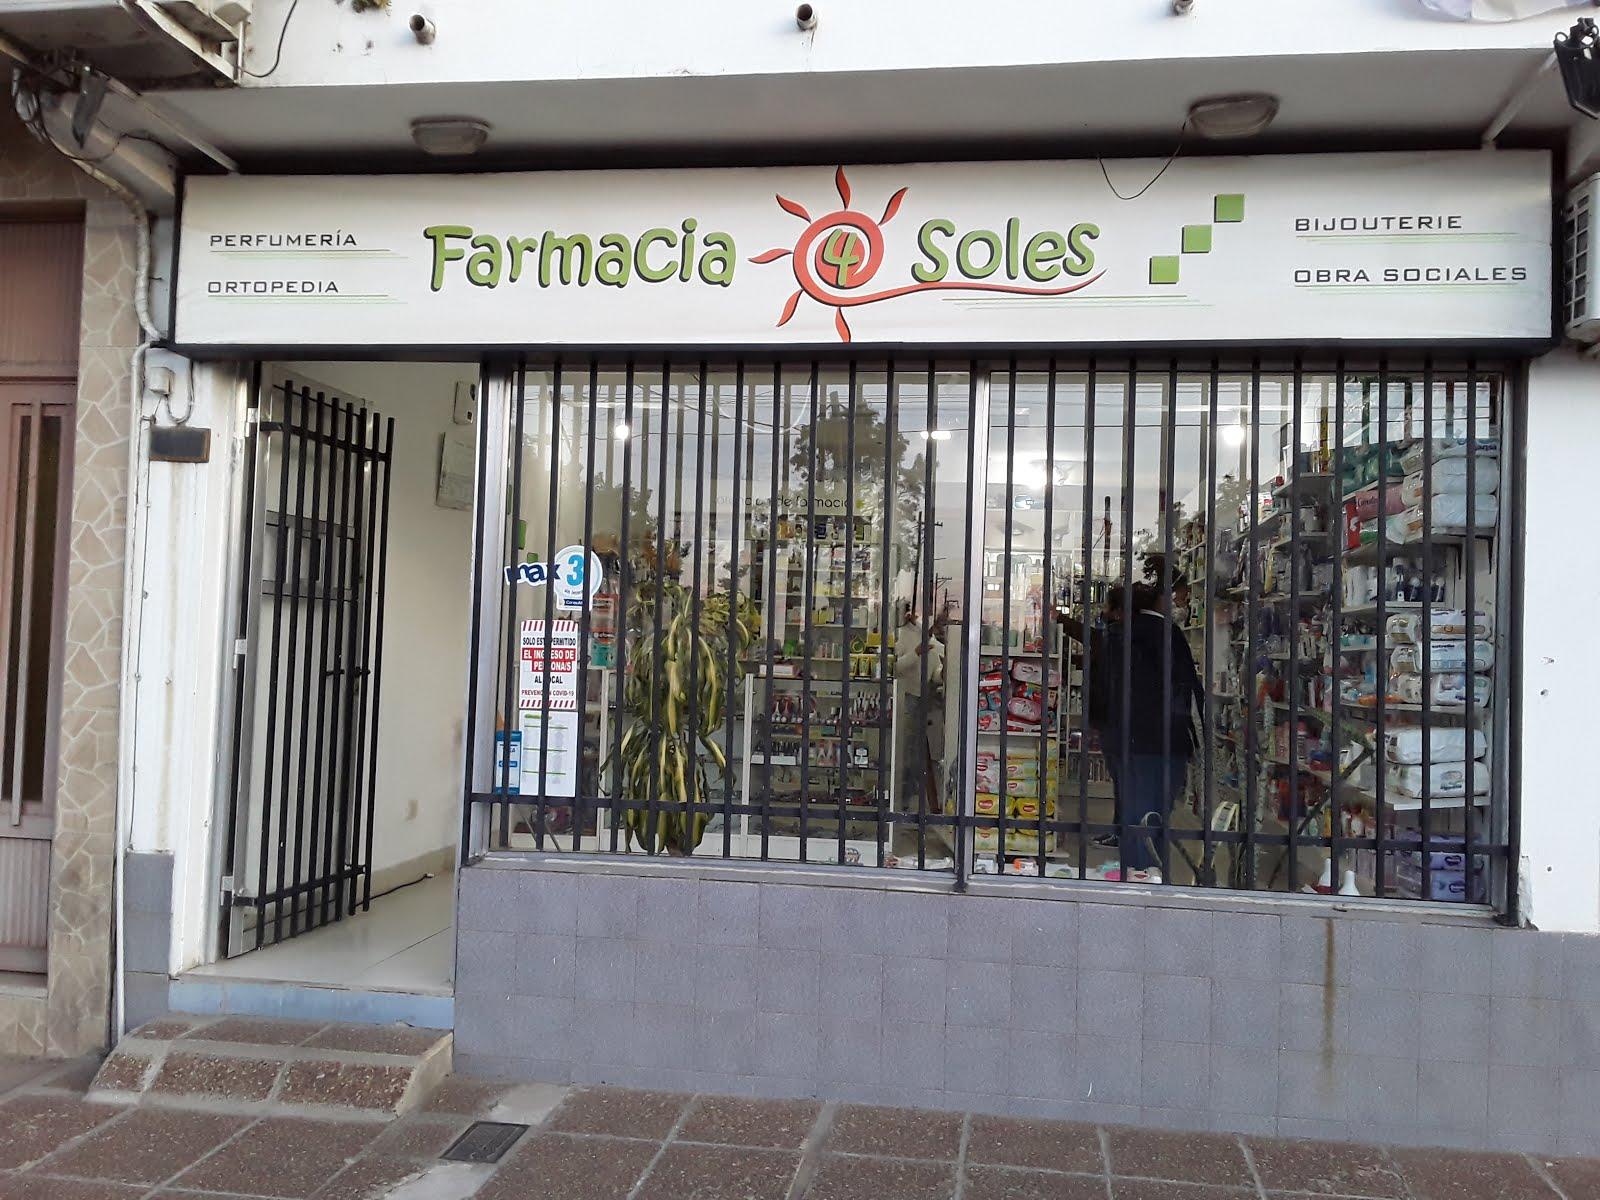 FARMACIA 4 SOLES I y II